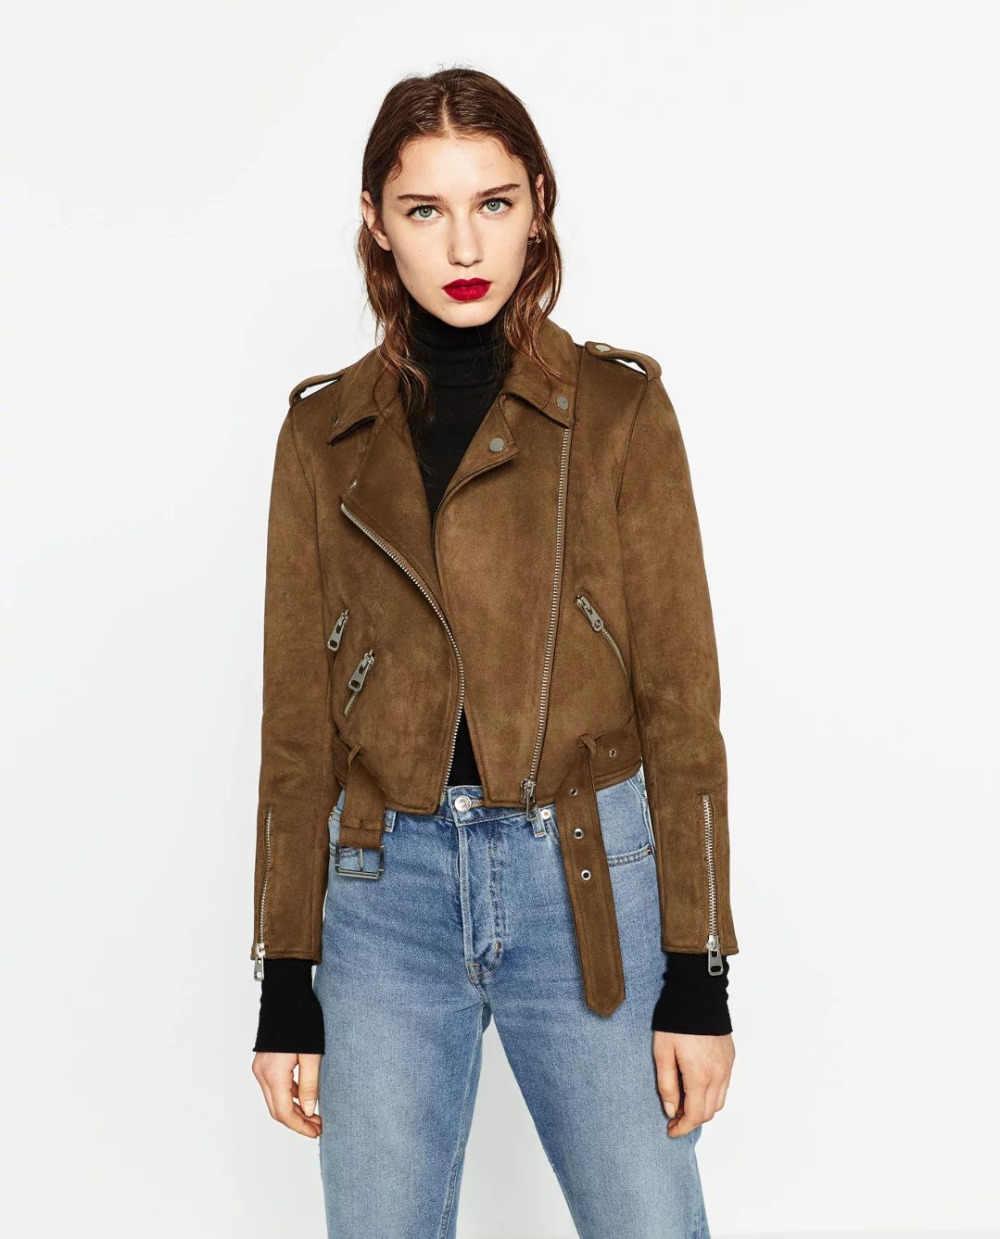 2018 Весенняя мода, имитация оленьей шкуры, короткие куртки, Осень-зима, нагрудные значки, молния, длинный рукав, пояс, коричневое, серое пальто